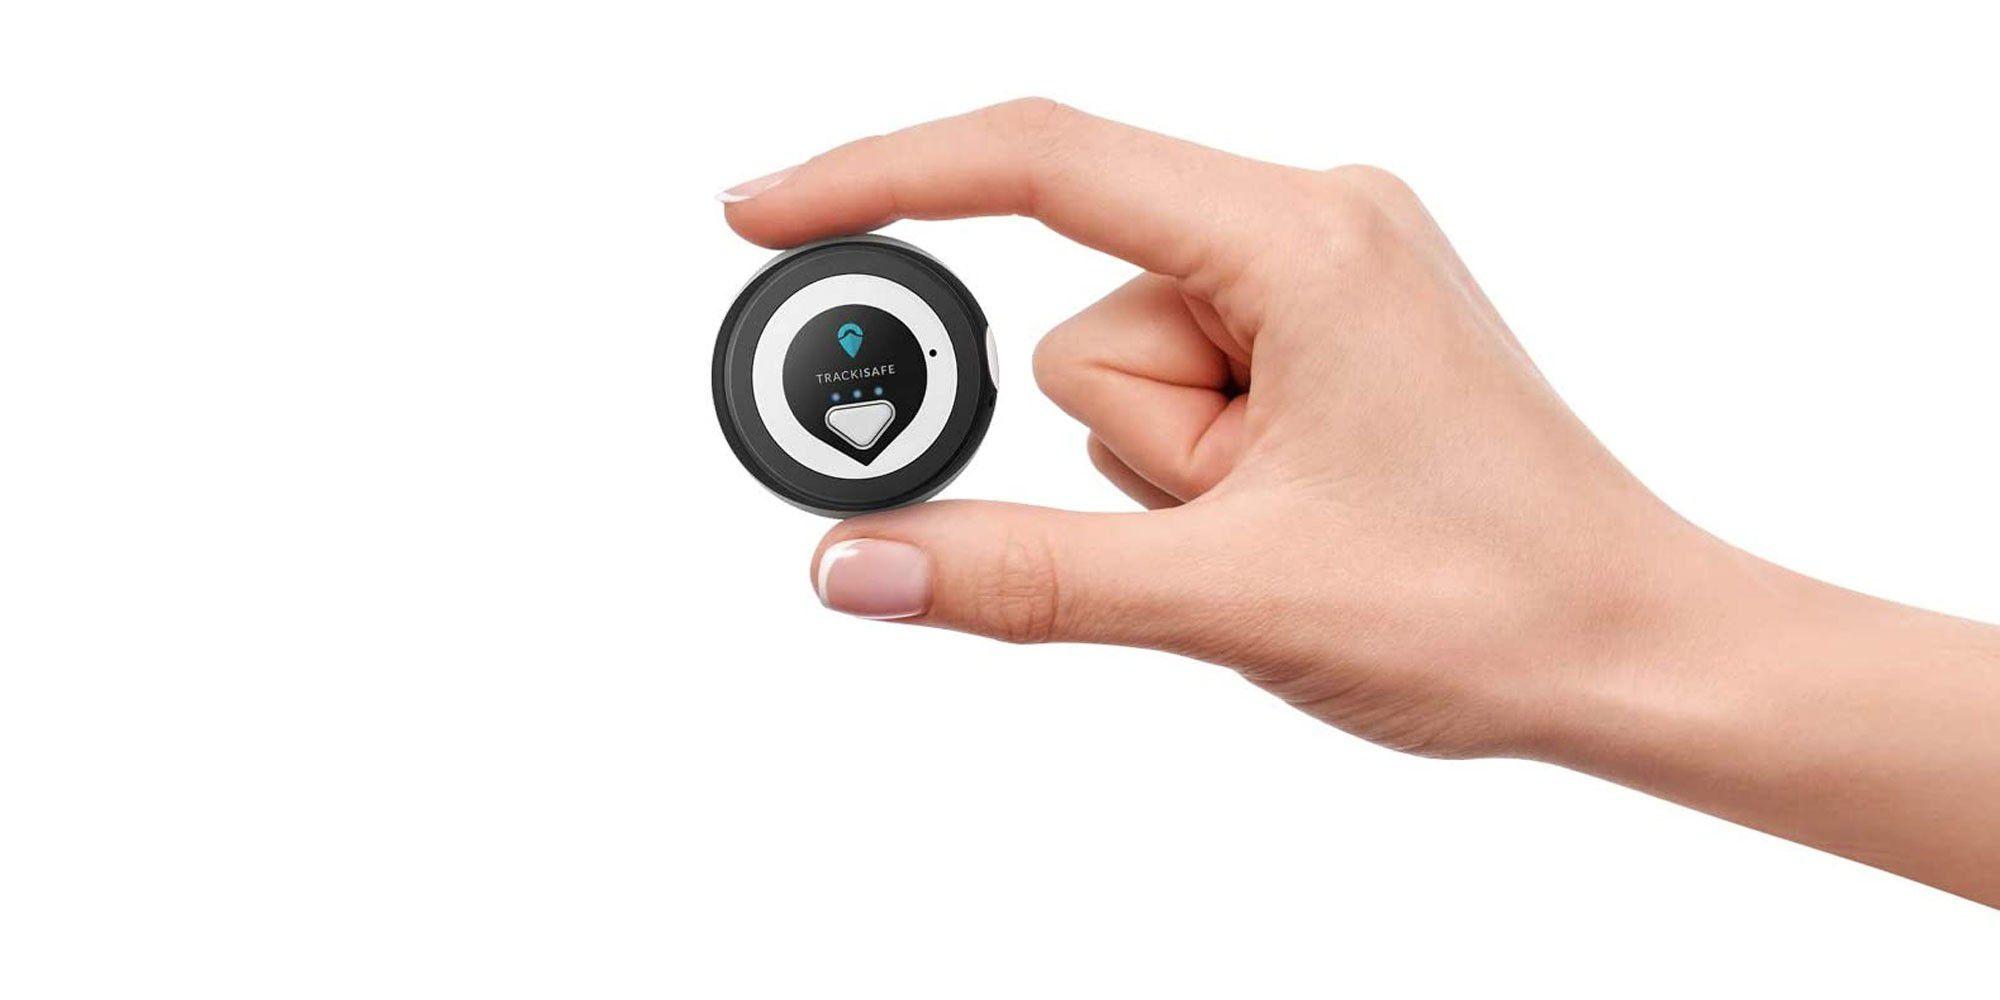 GPS-Tracker von Vodafone für nur 15 Euro